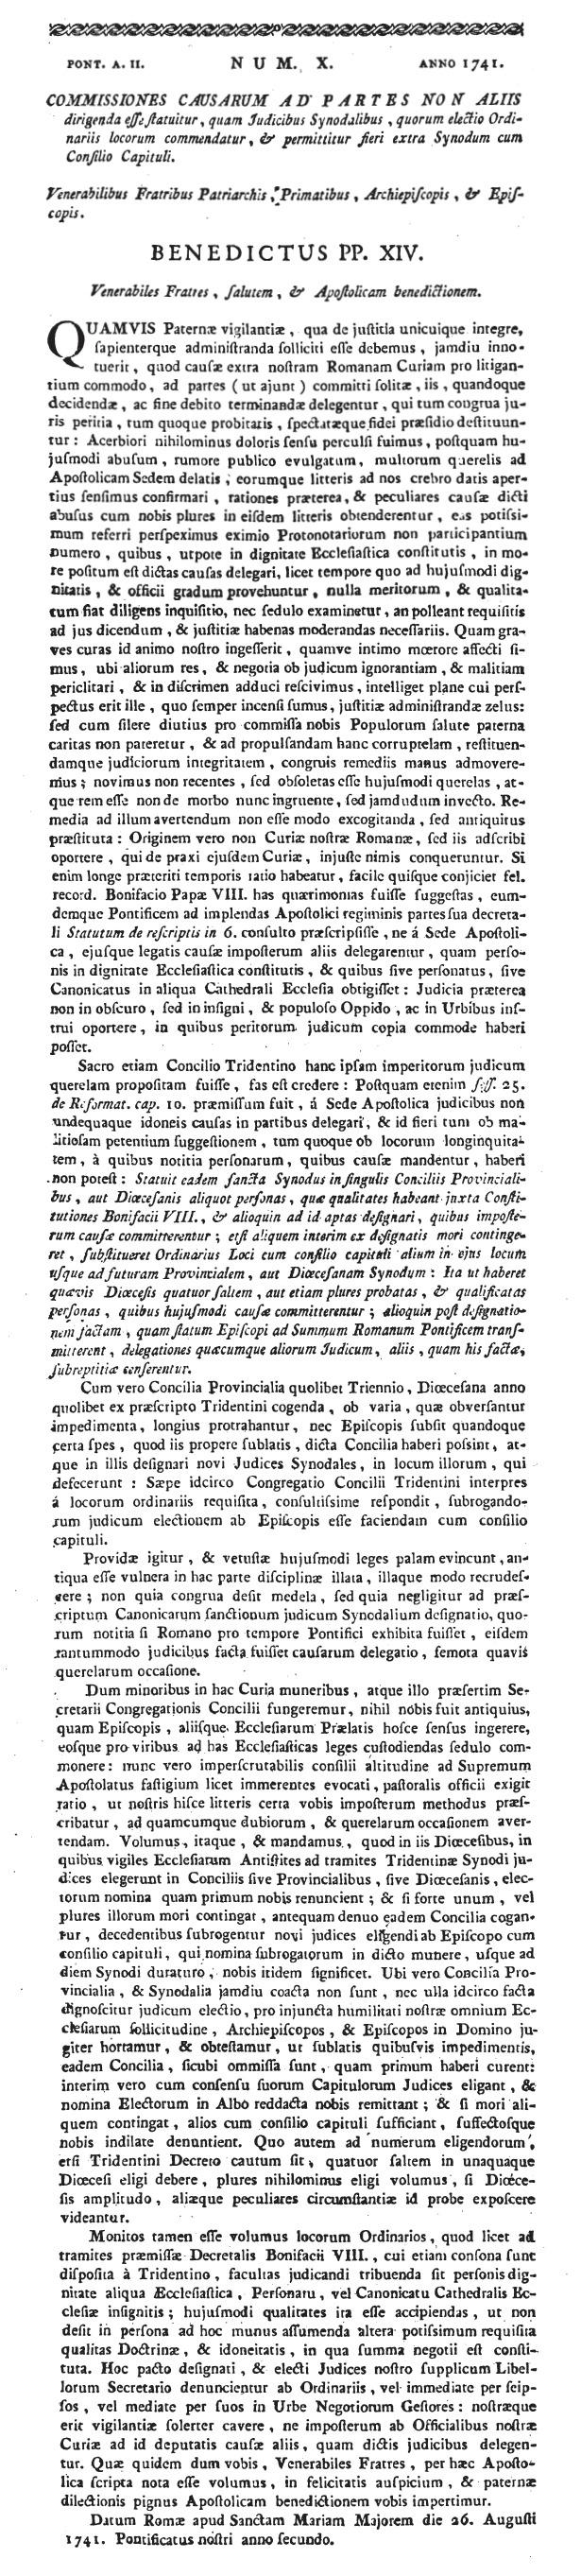 Quamvis paternae